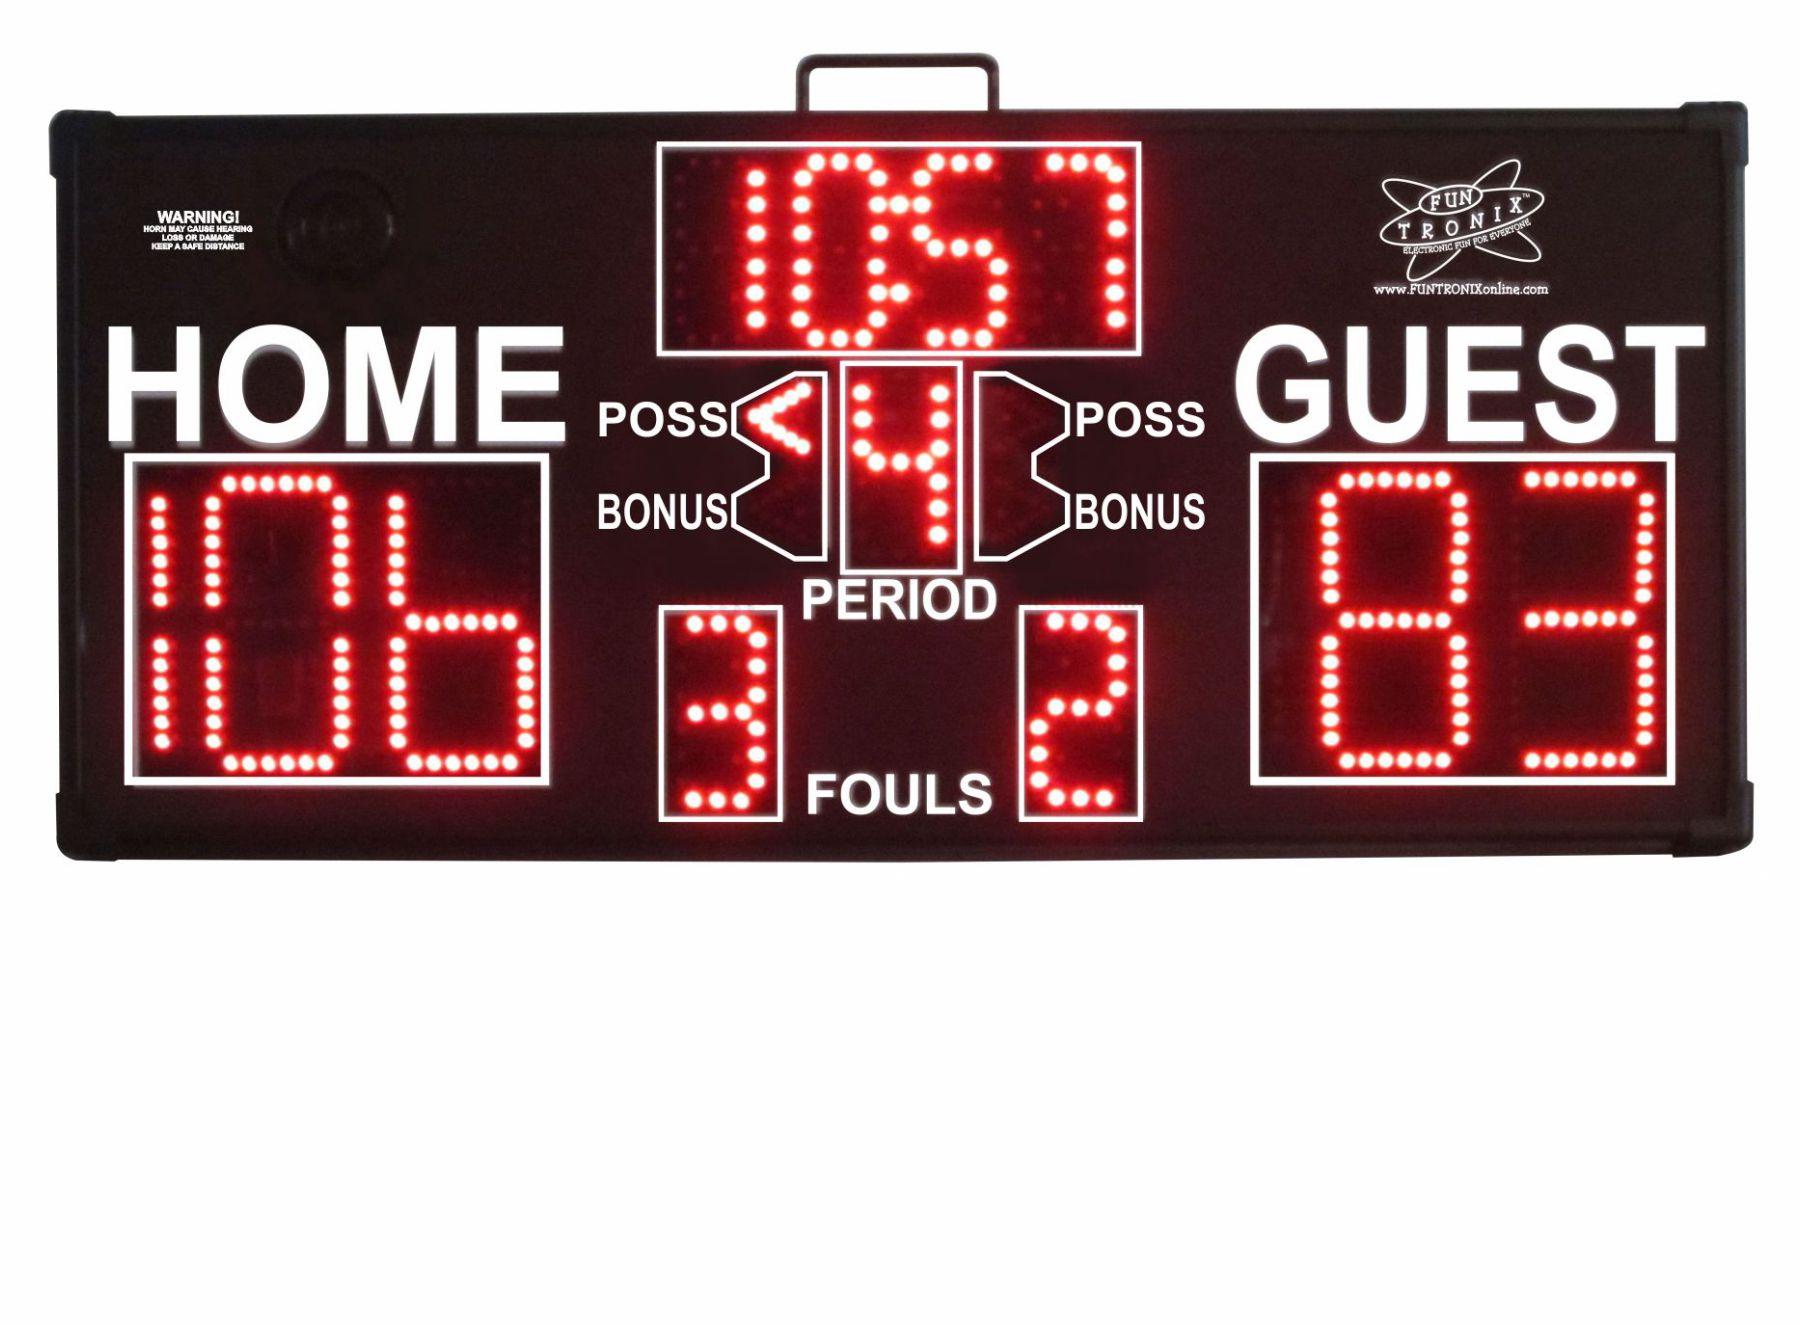 Mid-Sized Portable Scoreboard